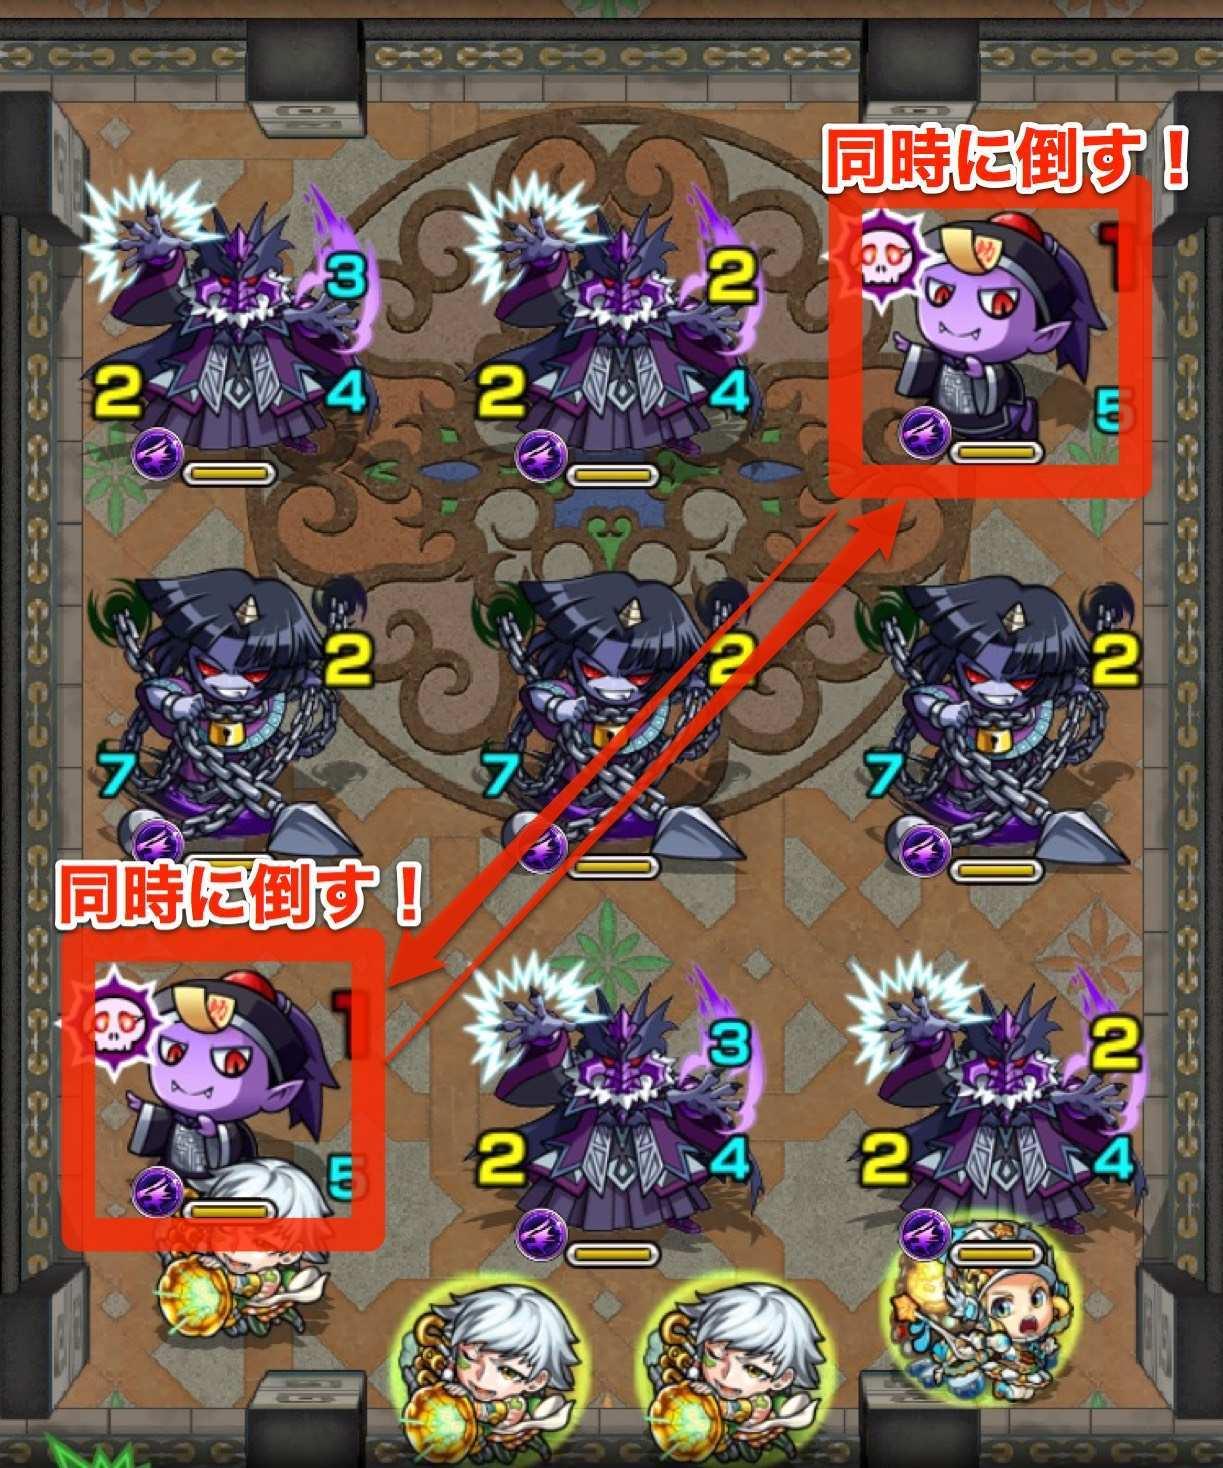 覇者の塔29階ステージ1.jpg